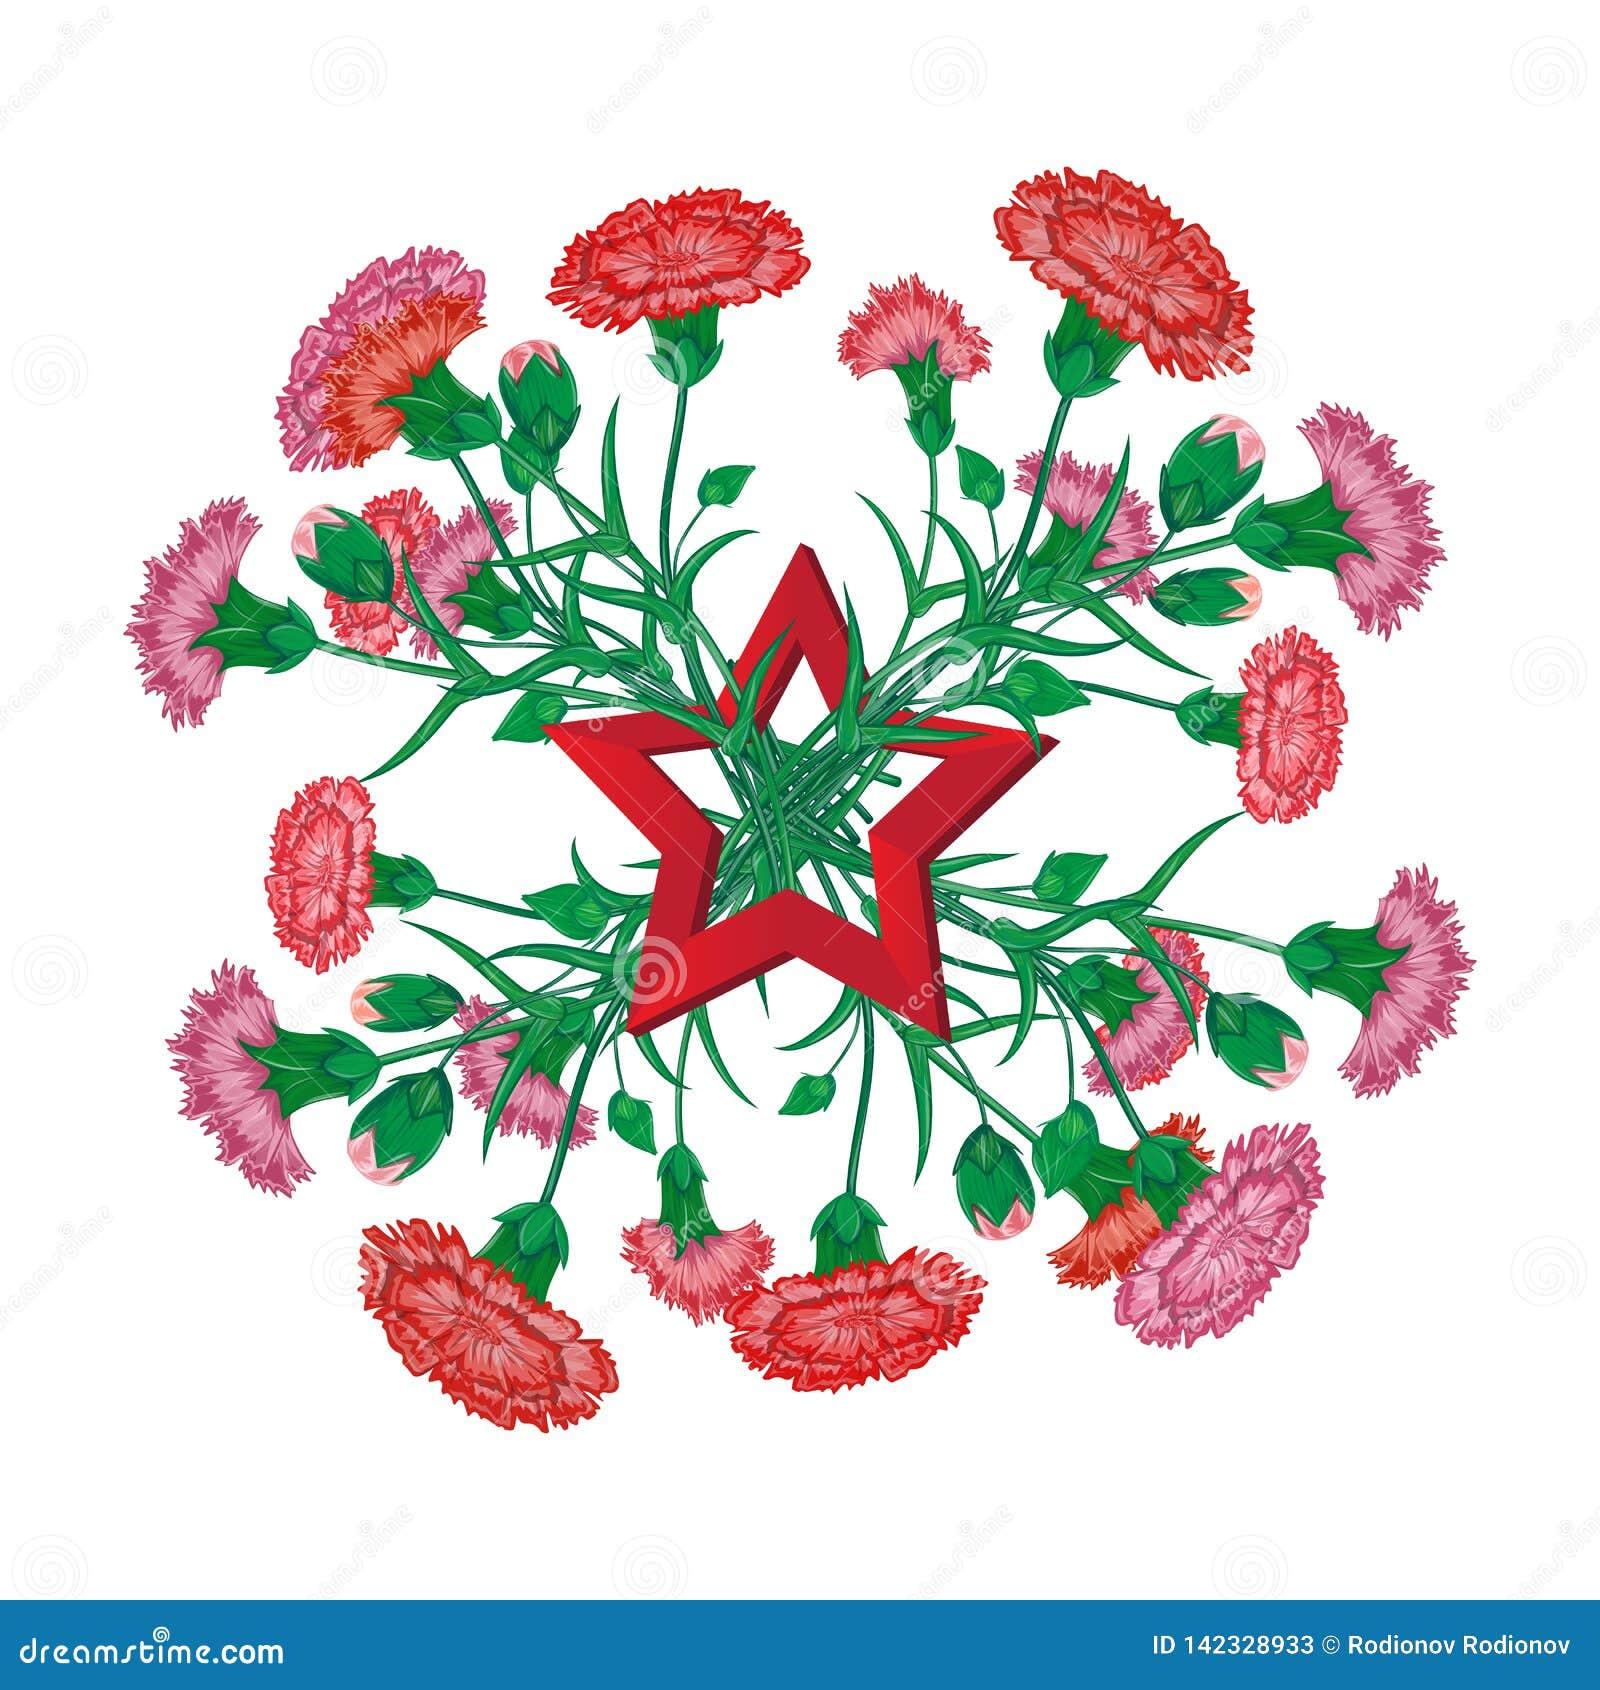 Κόκκινη ανθοδέσμη γαρίφαλων με την κορδέλλα Αγίου George και σοβιετικό αστέρι την 9η Μαΐου στο ρωσικό χαιρετισμό εορτασμού εθνική